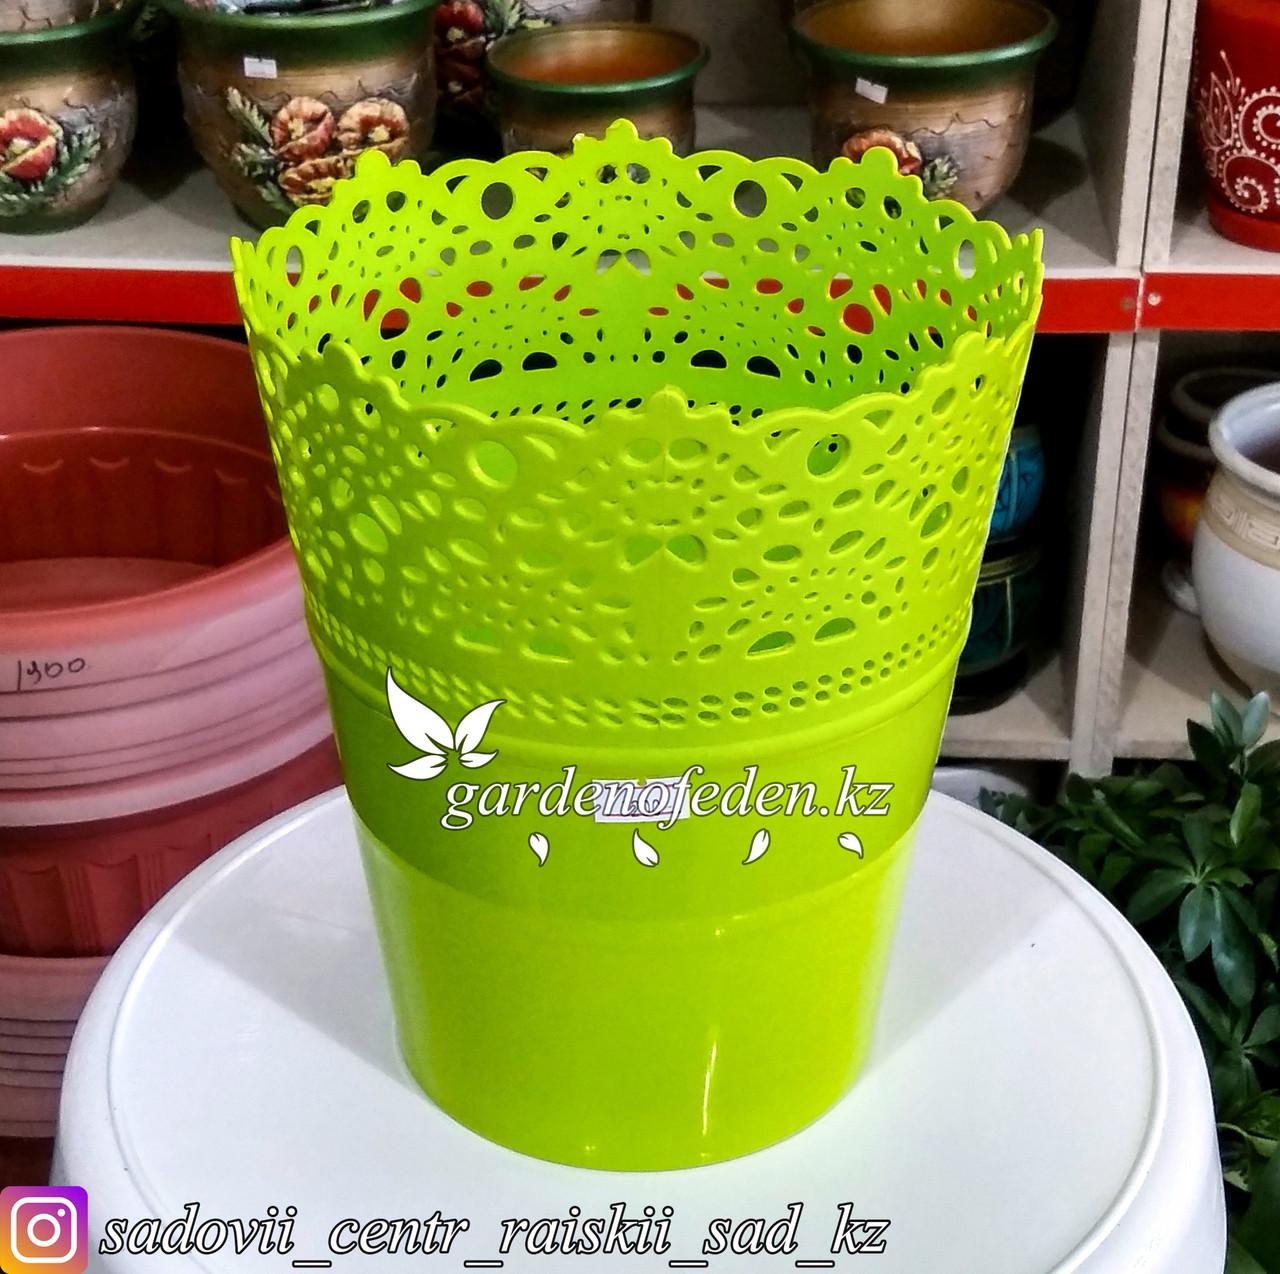 """Пластиковое кашпо """"Ажур"""". Цвет: Зеленый. Объем: 2.5л"""